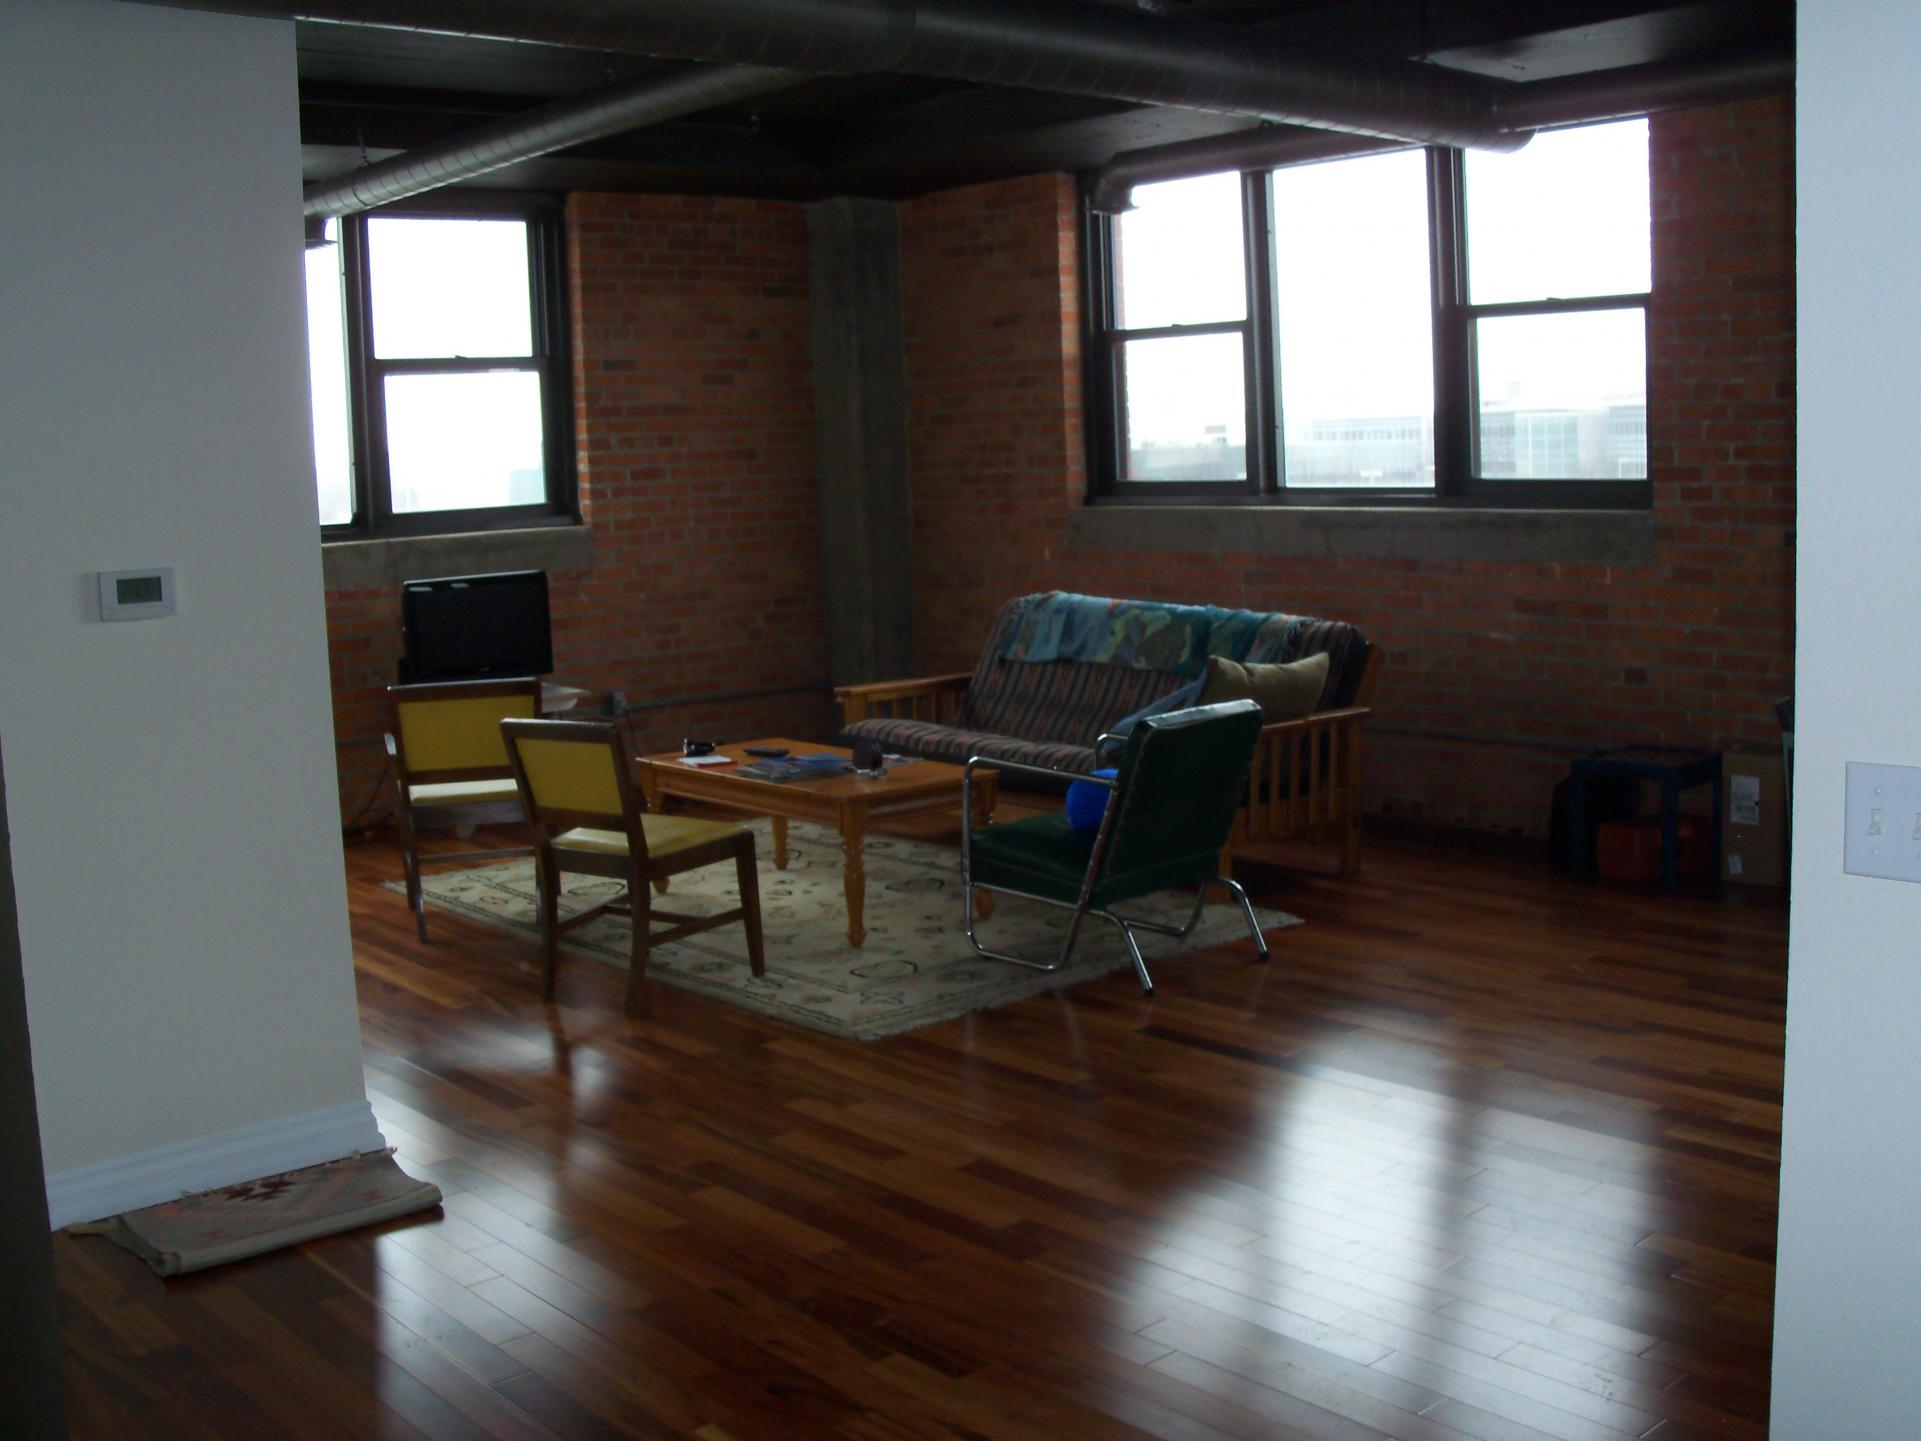 the brown floors semi lauzon dark satin choosing brazilian sheen room dining right red designer flooring oak for hardwood koa gloss matte floor cigarillo